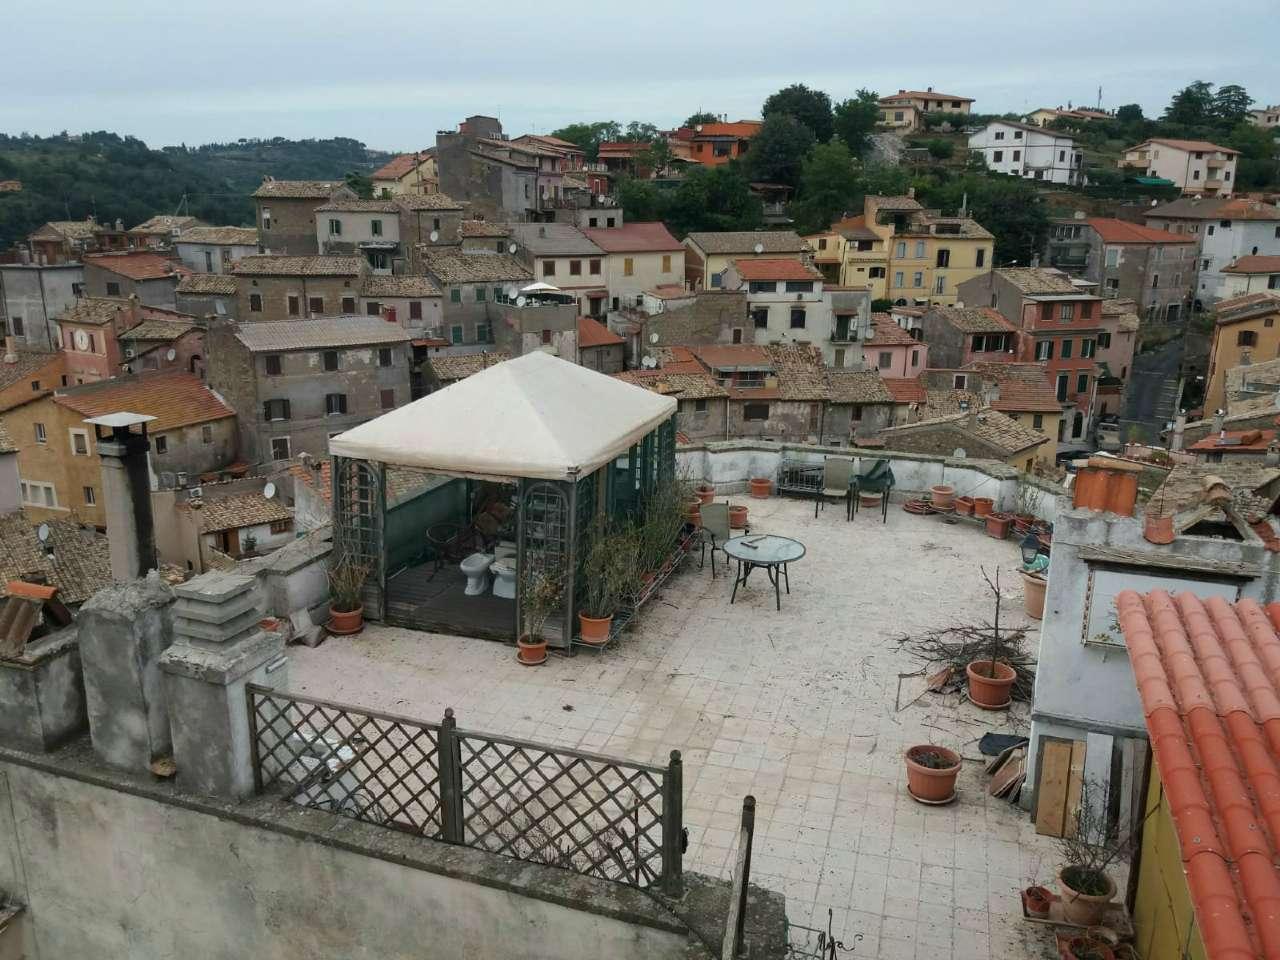 Appartamento in vendita a Capena, 9999 locali, prezzo € 65.000 | CambioCasa.it